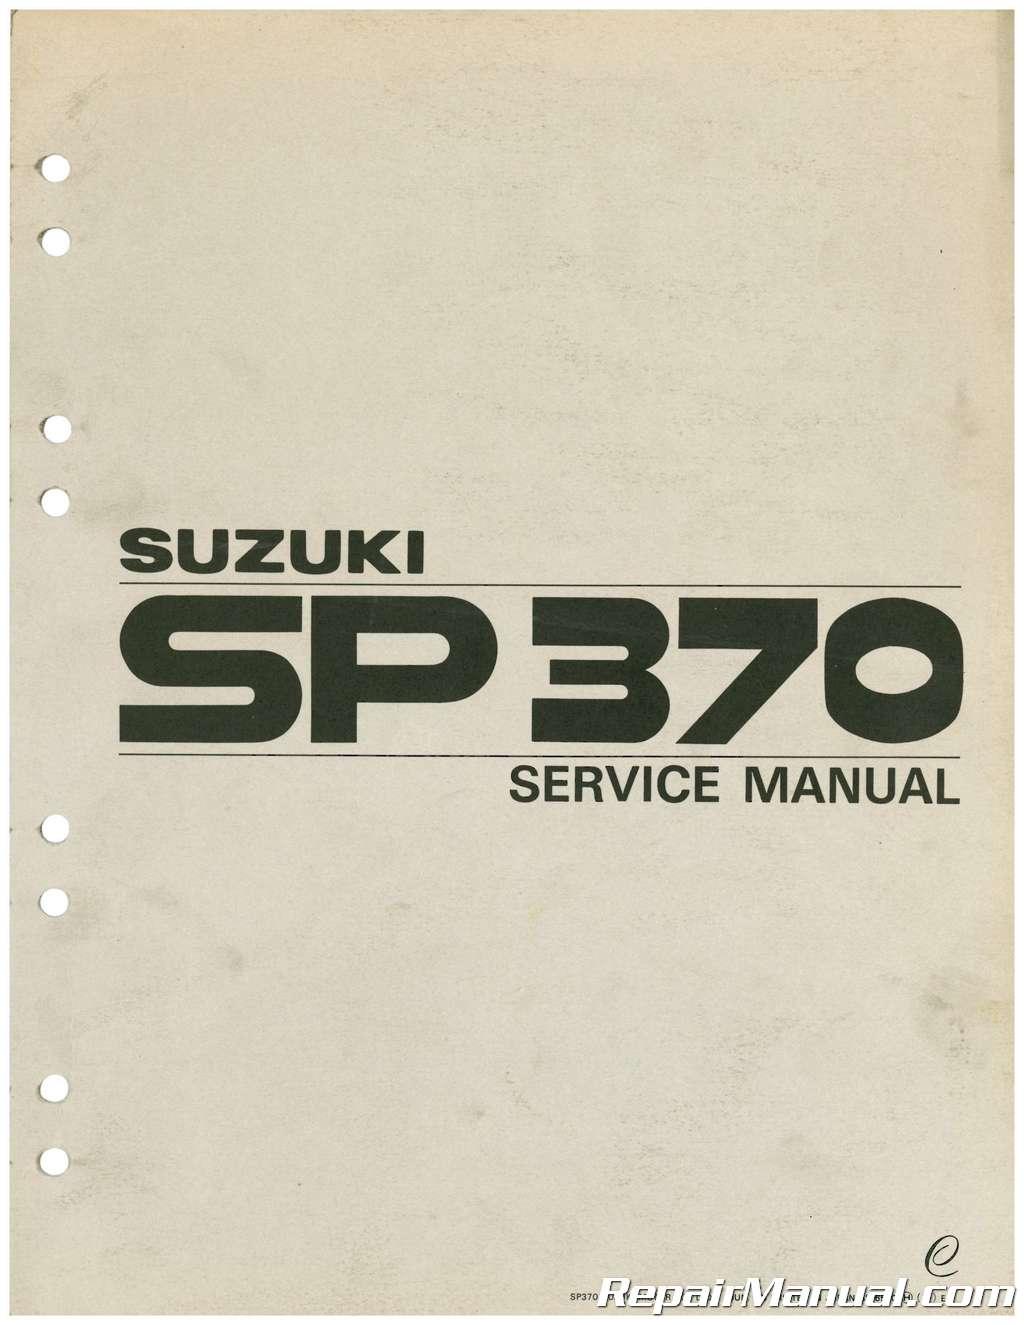 1978 1979 Sp370 Suzuki Service Manual